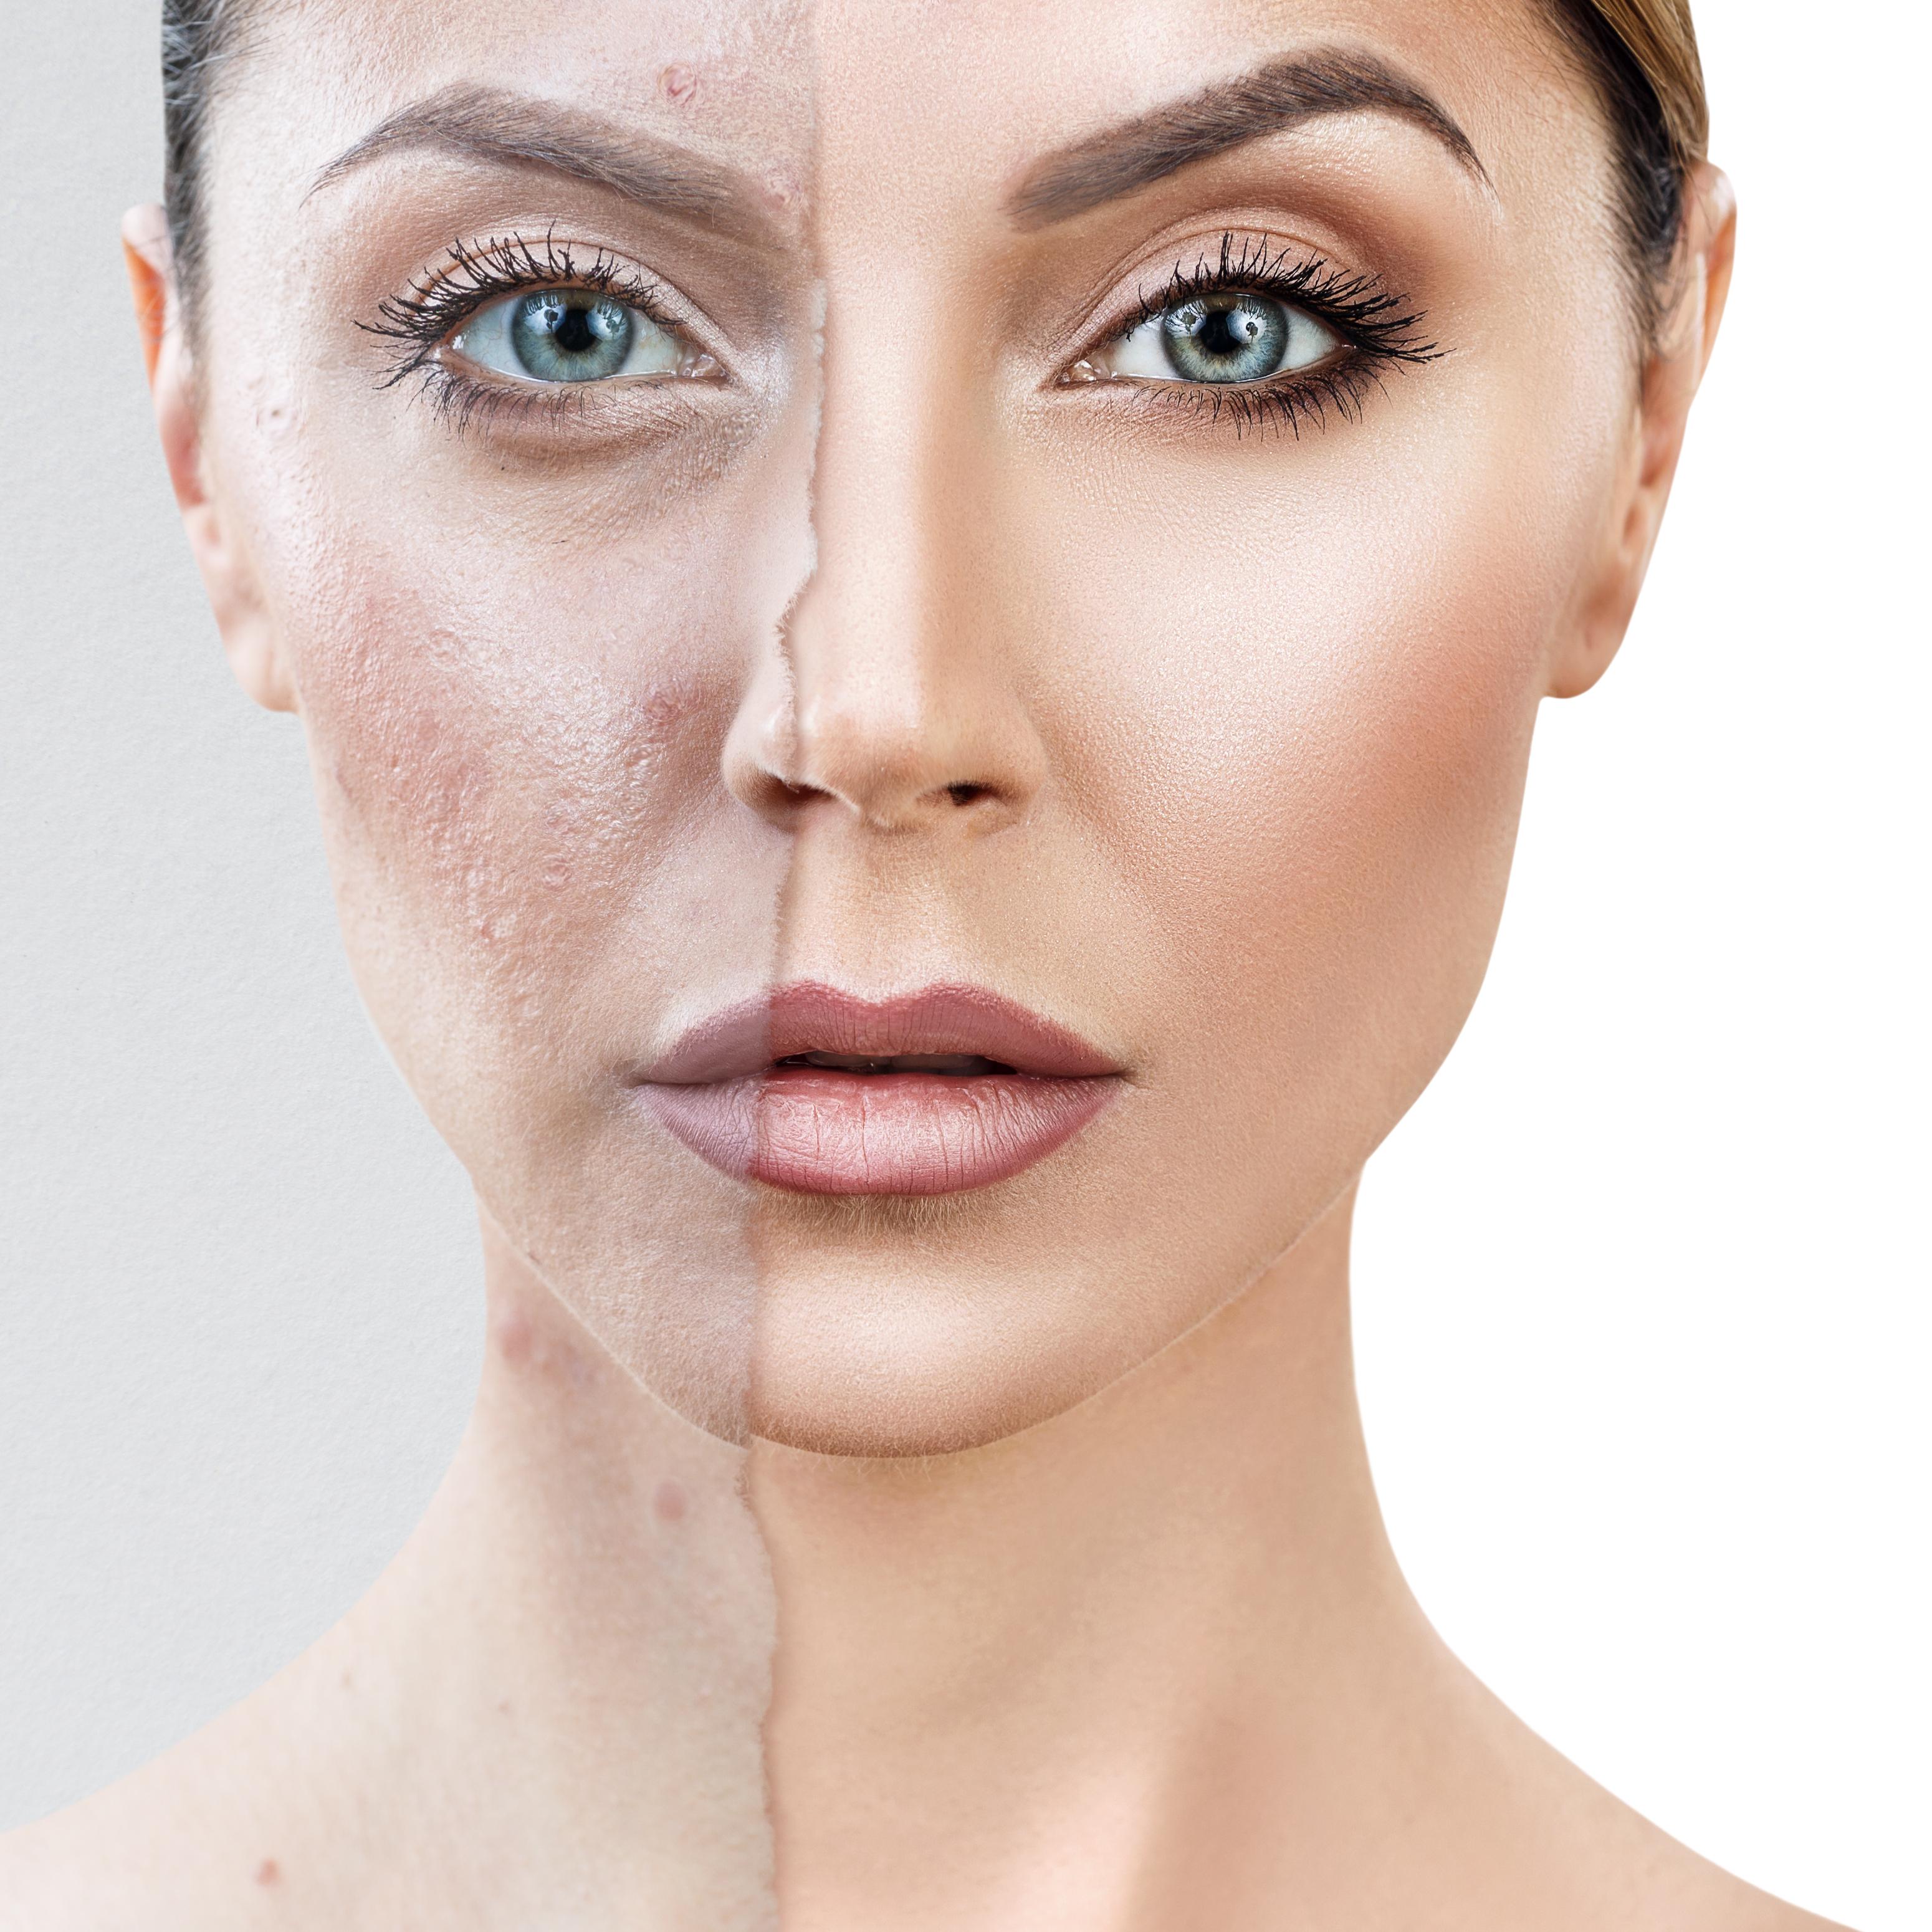 O que deve usar para tratar da acne em adultos? Métodos caseiros e os melhores cosméticos